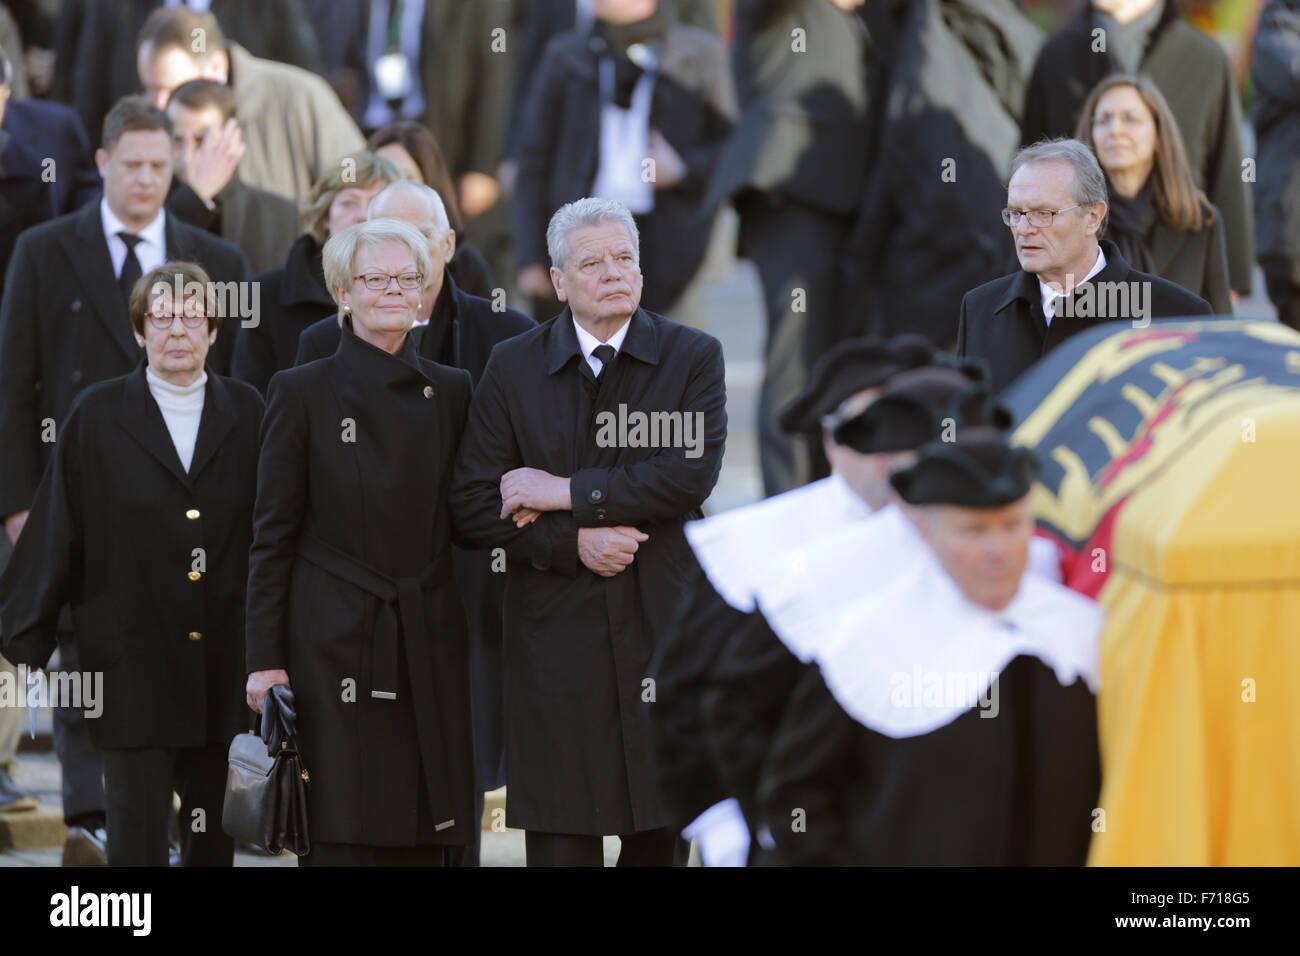 Hambourg, Allemagne. 23 Nov, 2015. Un cercueil recouvert du drapeau est mis hors de l'église aux funérailles d'état pour l'ancien chancelier allemand Helmut Schmidt (SPD) dans l'église paroissiale Saint Michel à Hambourg, Allemagne, 23 novembre 2015. Derrière le cercueil est le président allemand Joachim Gauck, Schmidt-Kennedy avec Susanne Ruth Loah gauche. L'ancien chancelier est mort à 96 à Hambourg. Photo:AXEL HEIMKEN/DPA/Alamy Live News Banque D'Images